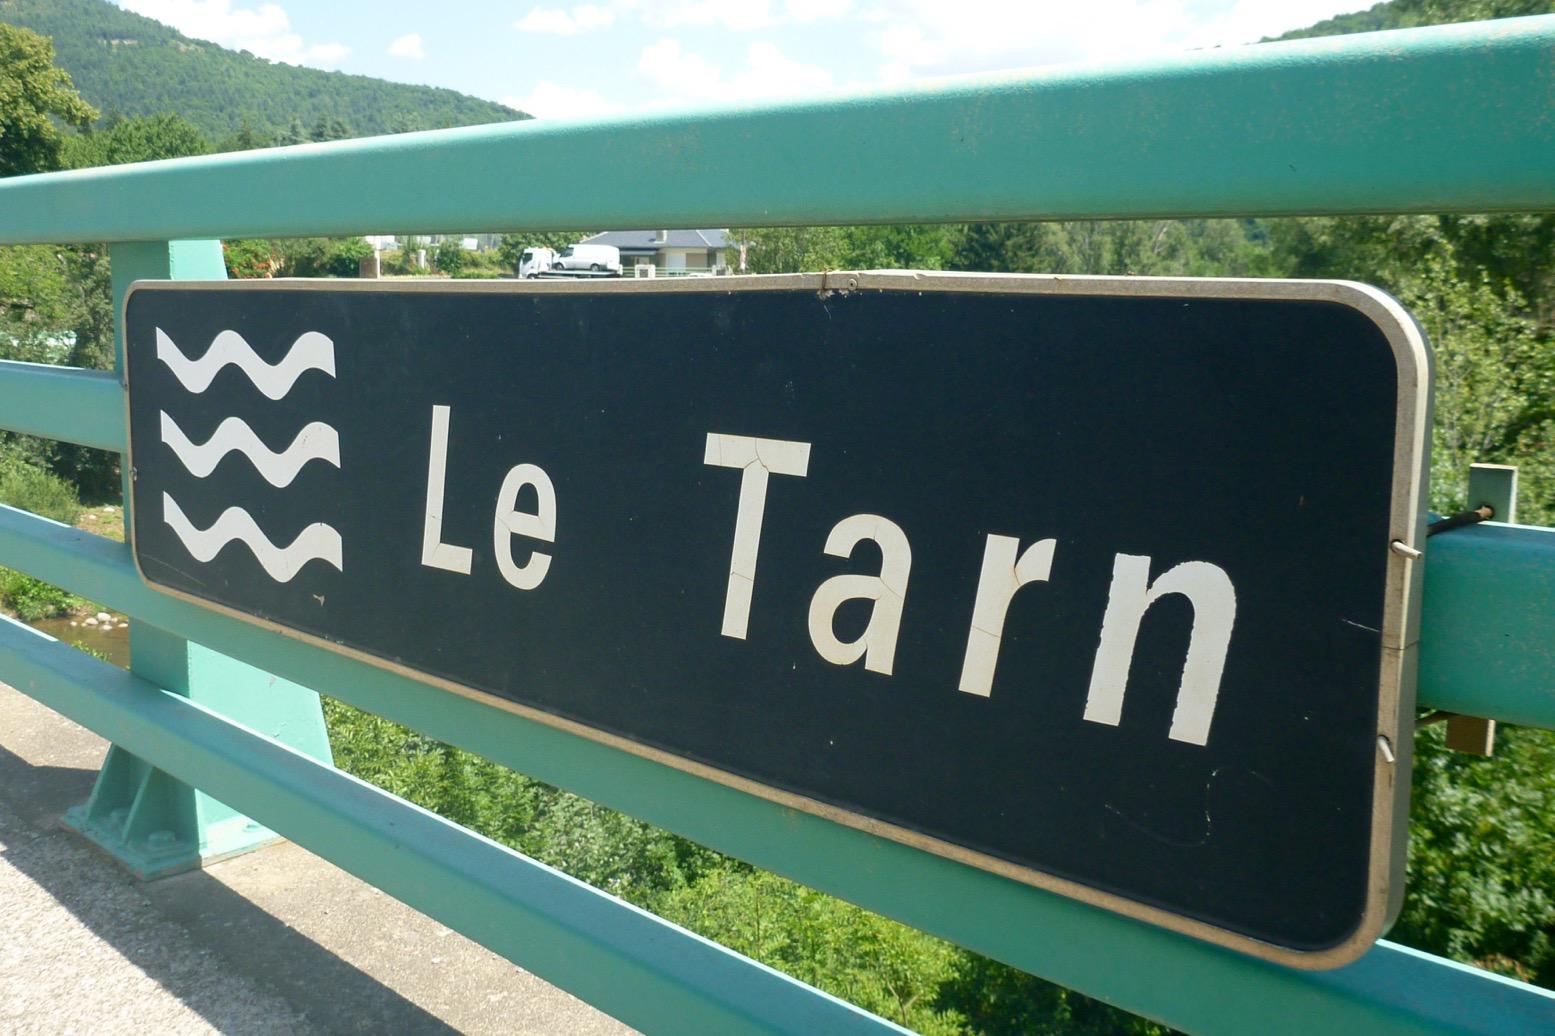 tarne - 1